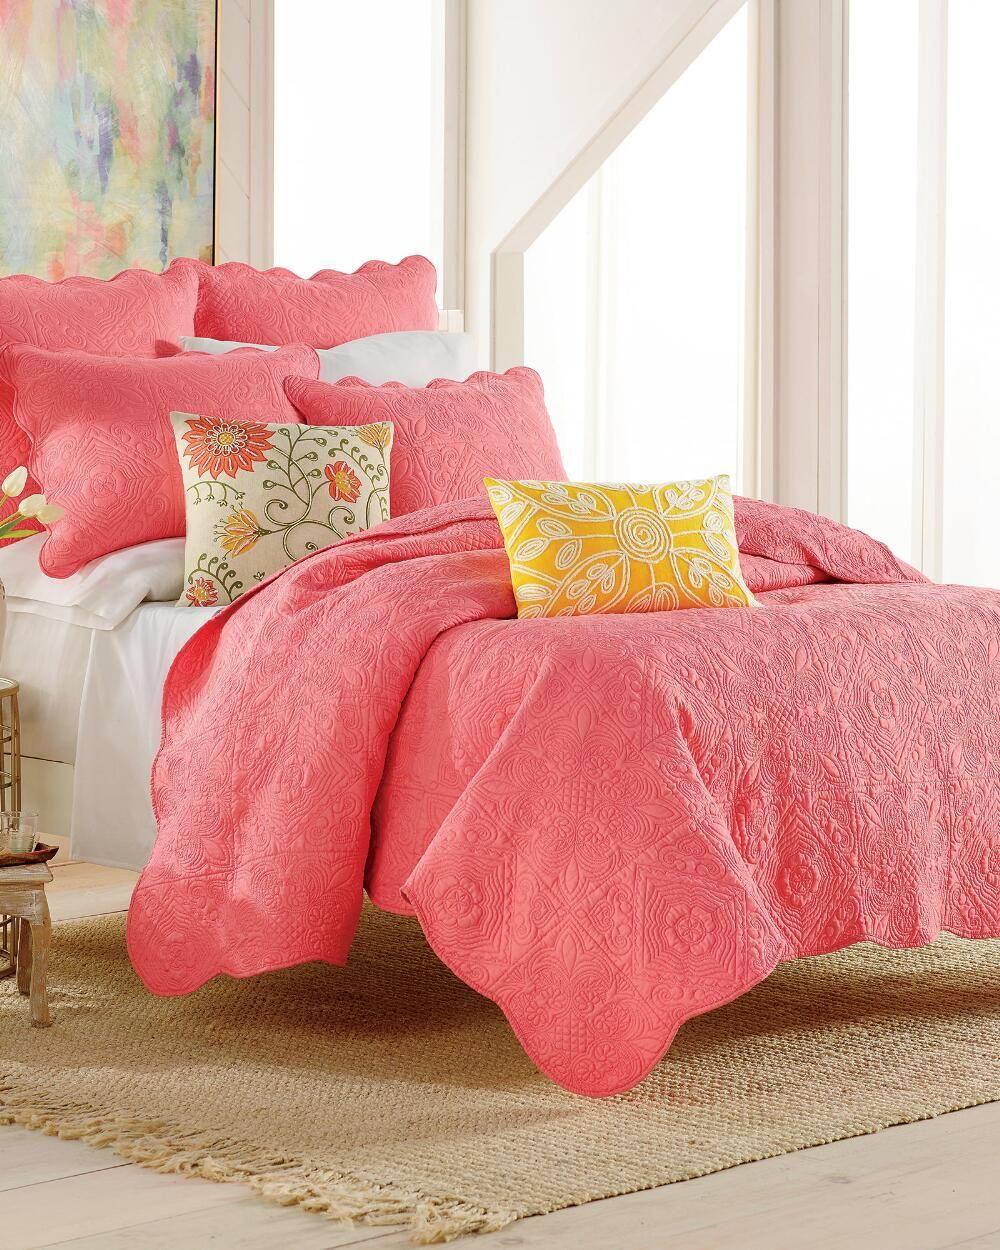 Vanderbilt Finely Stitched Quilt-Solid-Quilts-Bedding-Bed & Bath | Stein Mart